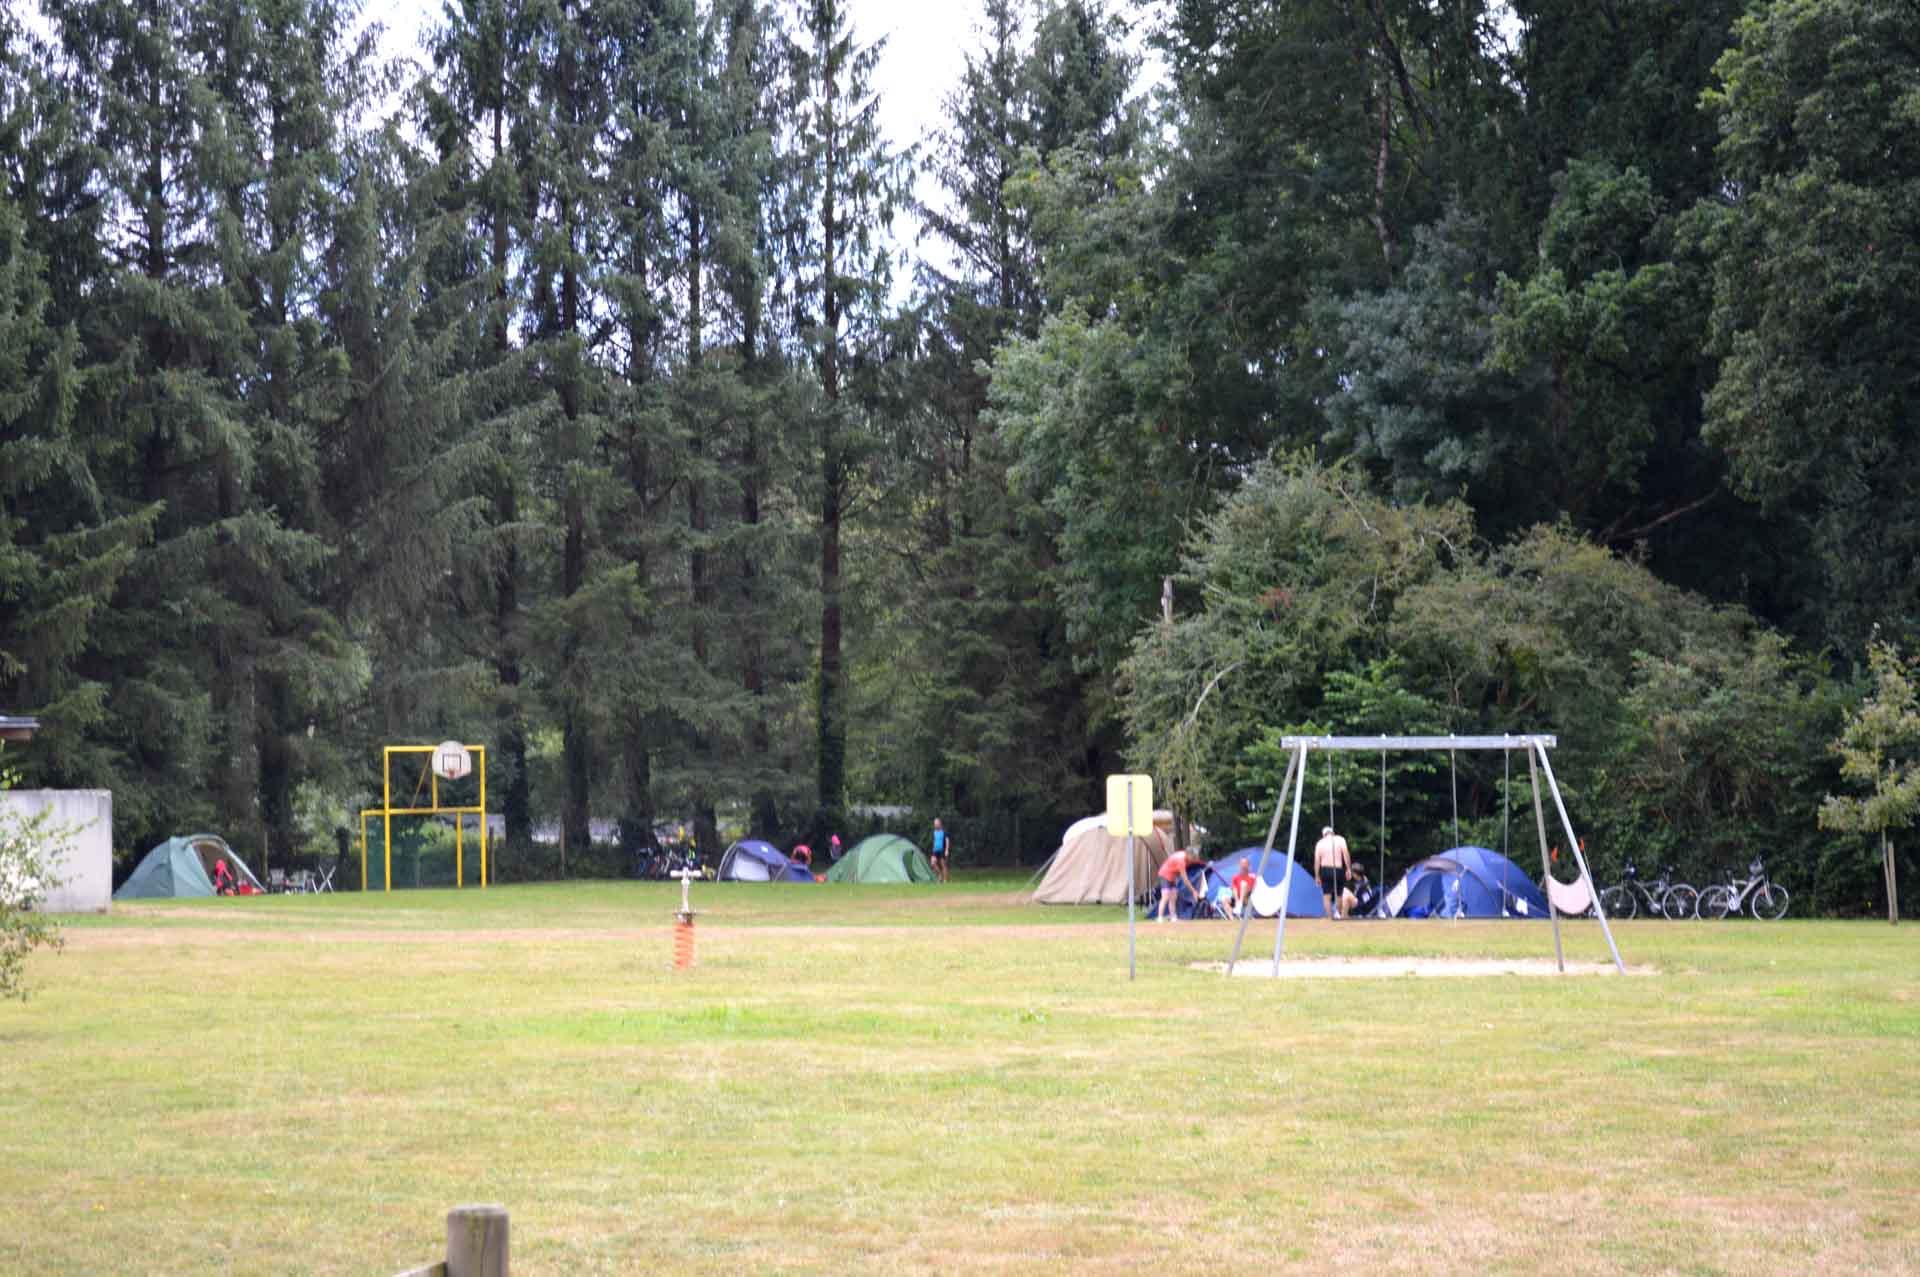 Aire de jeux pour les enfants - Camping de Pont Augan - Languidic - Morbihan